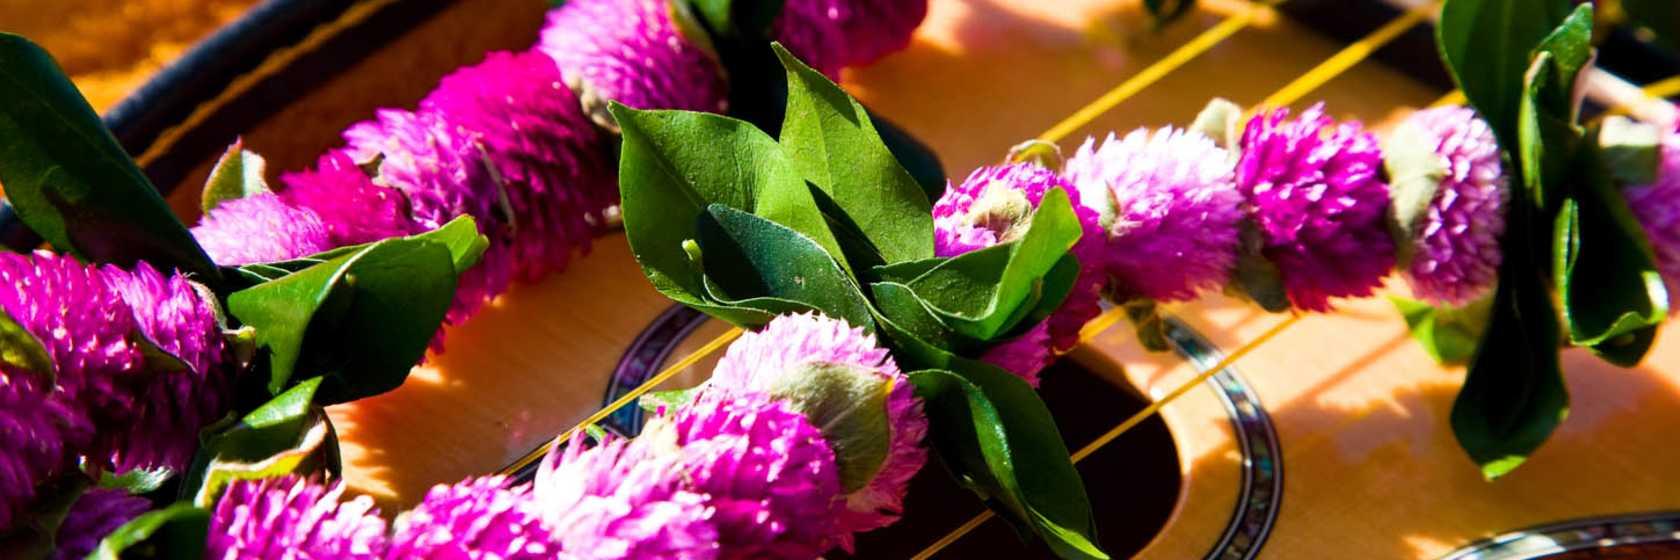 Culture & History - Ukulele & Flower